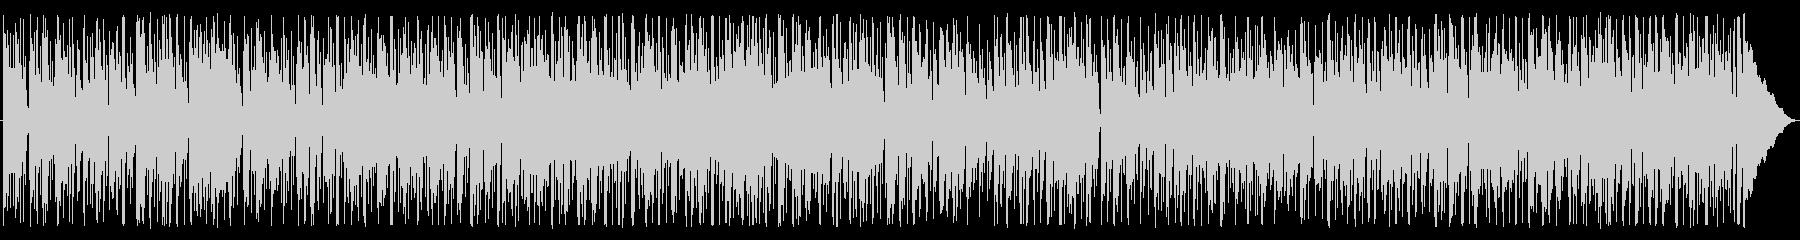 優しく軽快なファンクロックの未再生の波形